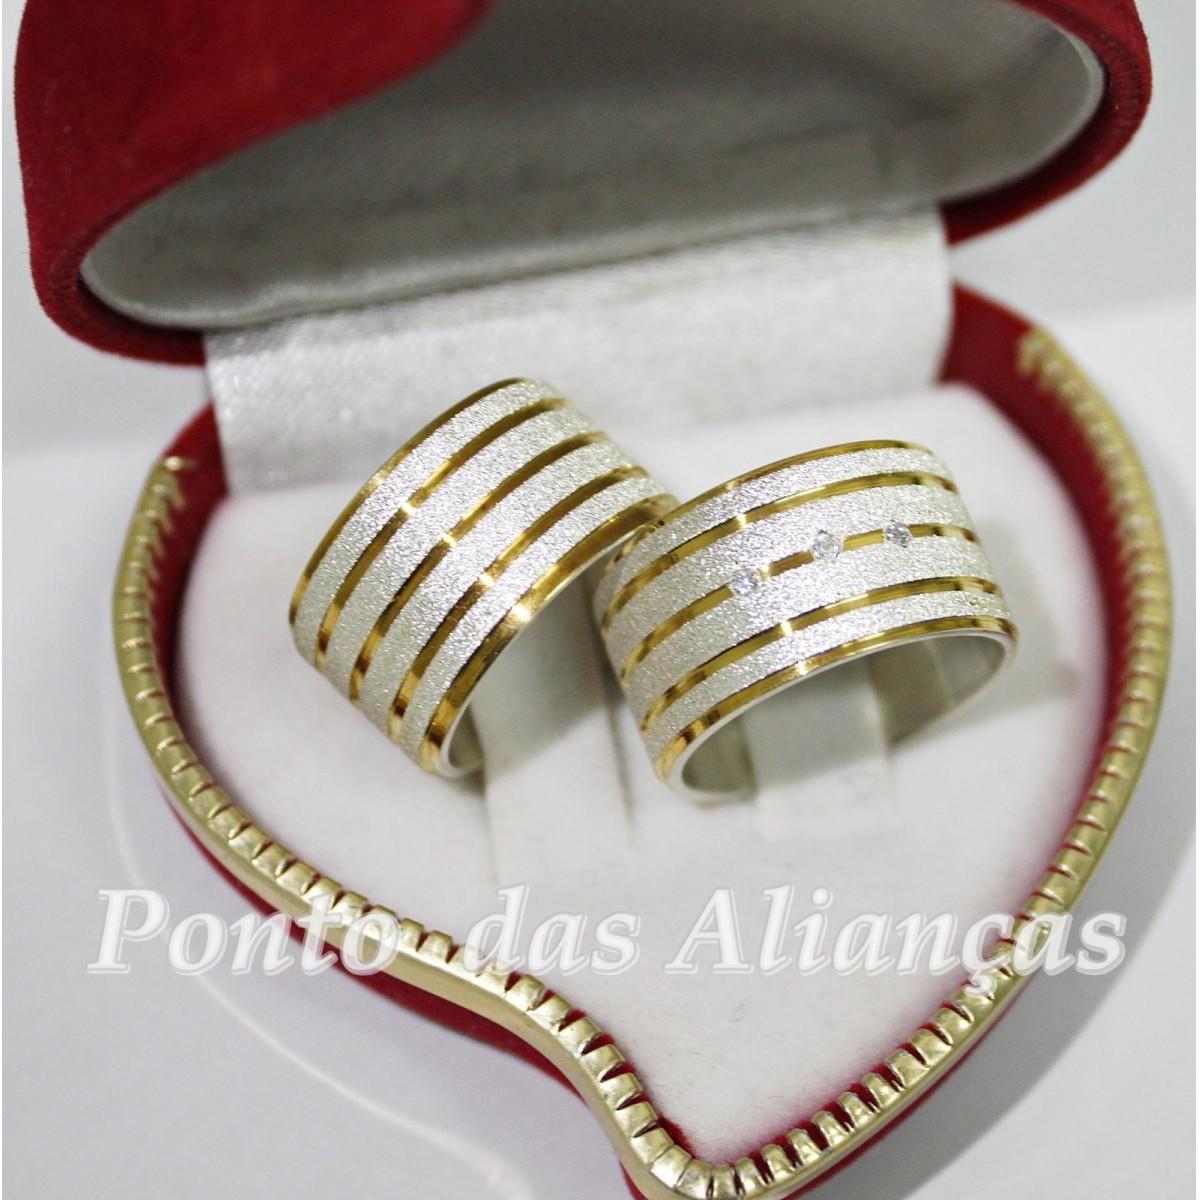 Alianças de Prata Compromisso - 3086